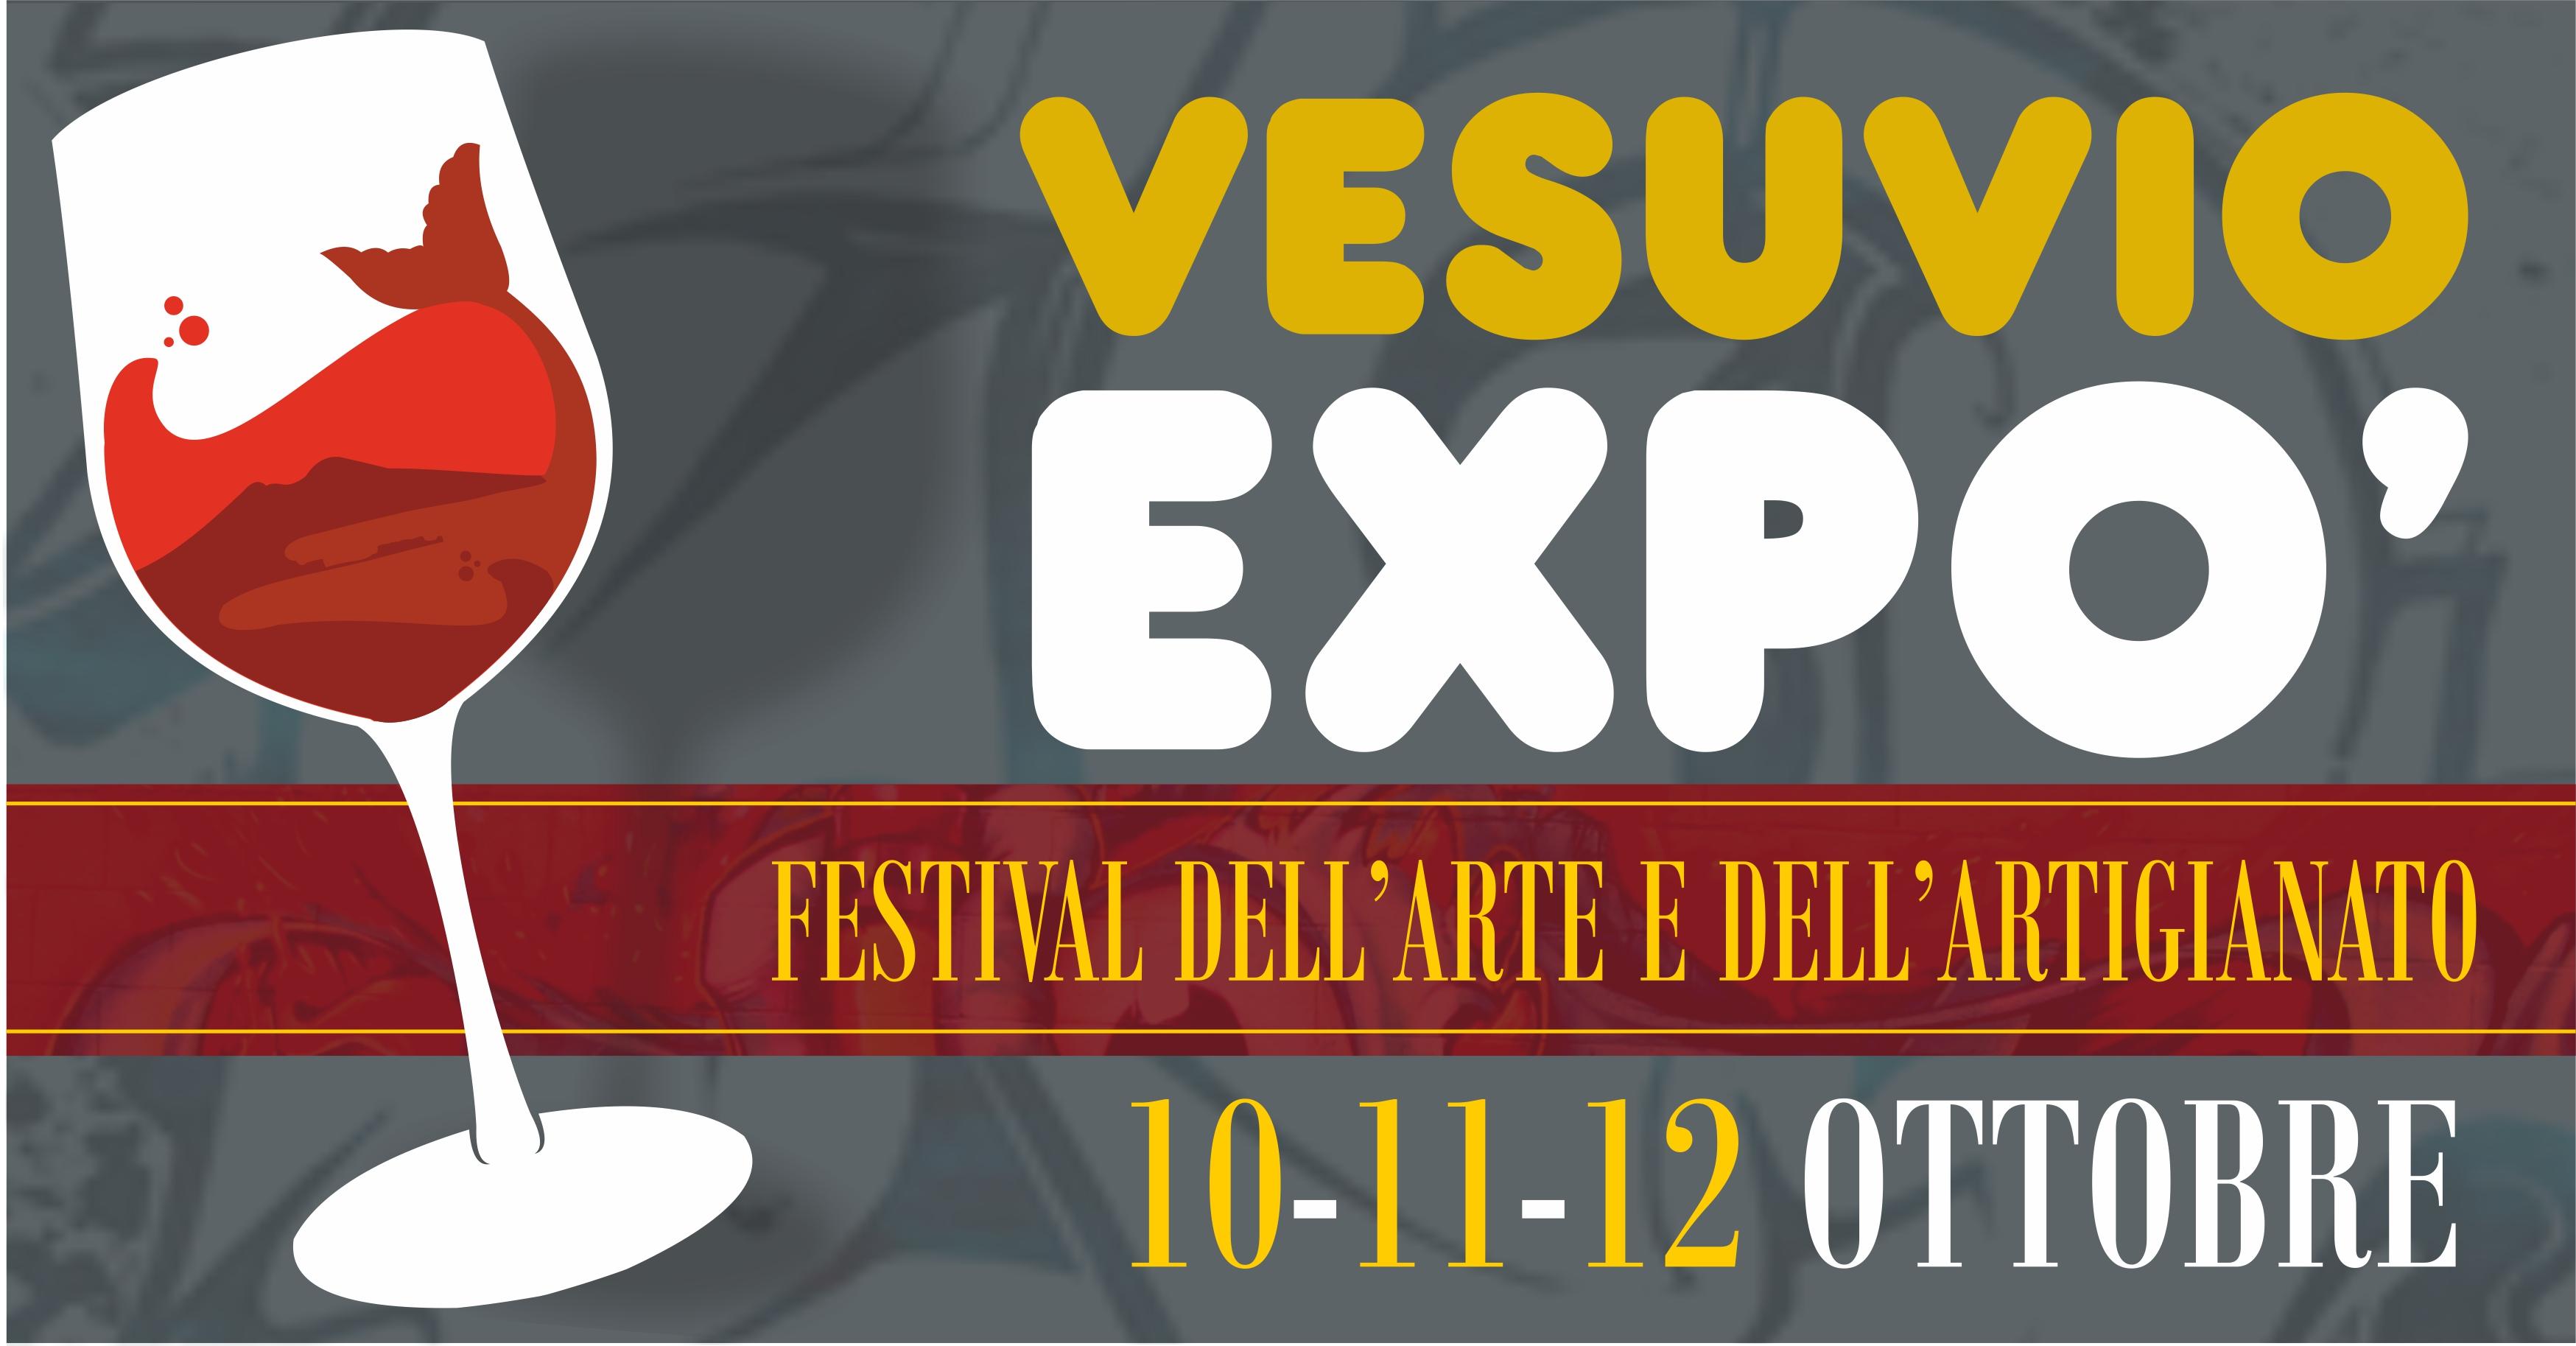 Vesuvio Expo